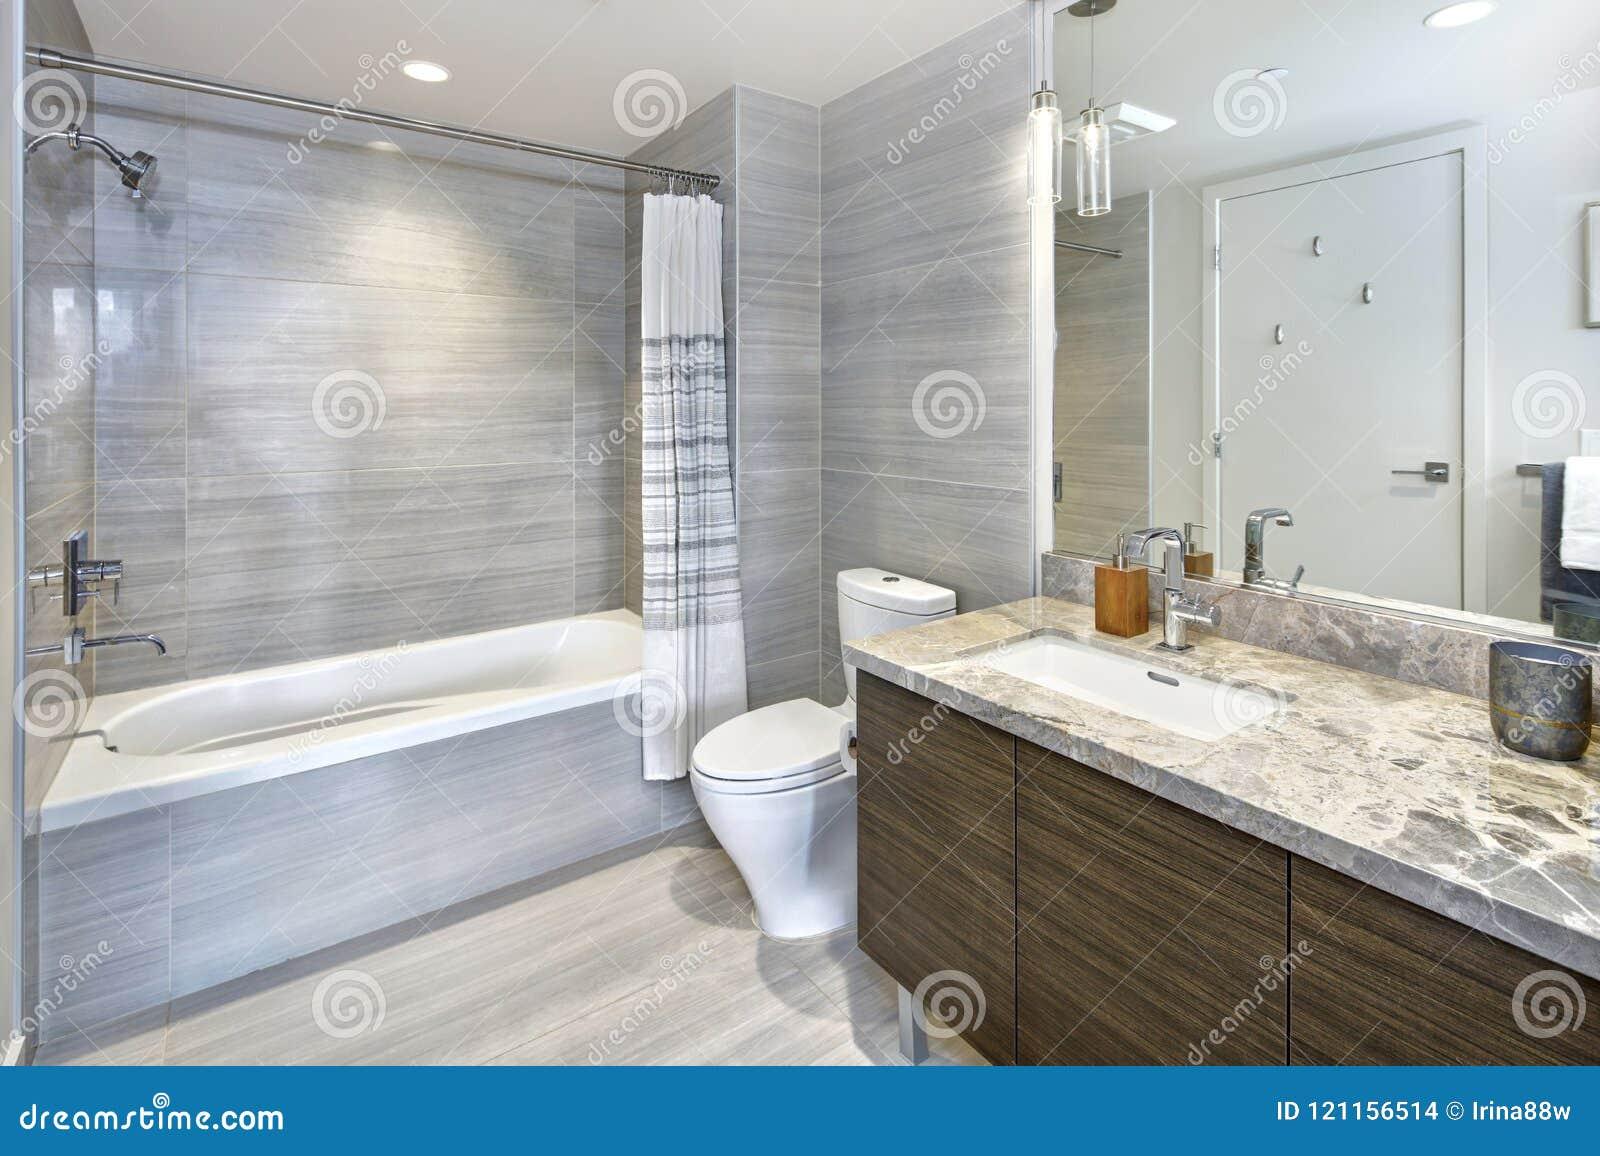 Carrelage De Salle De Bain Gris conception élégante moderne de salle de bains de logement